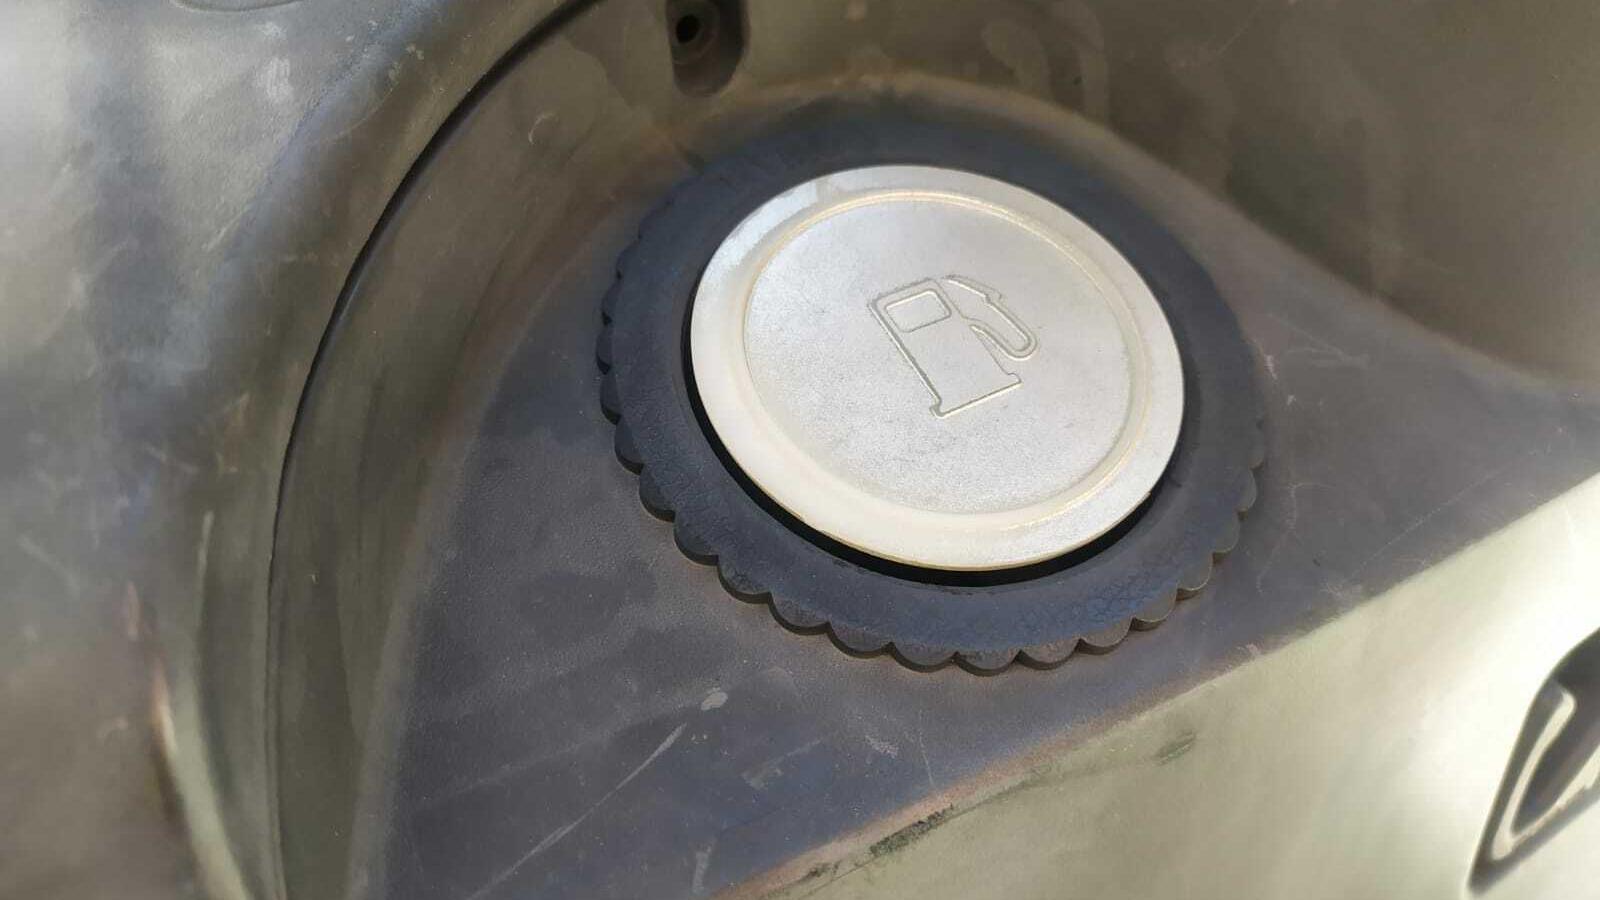 Un dipòsit d'un vehicle. / M. R. F.